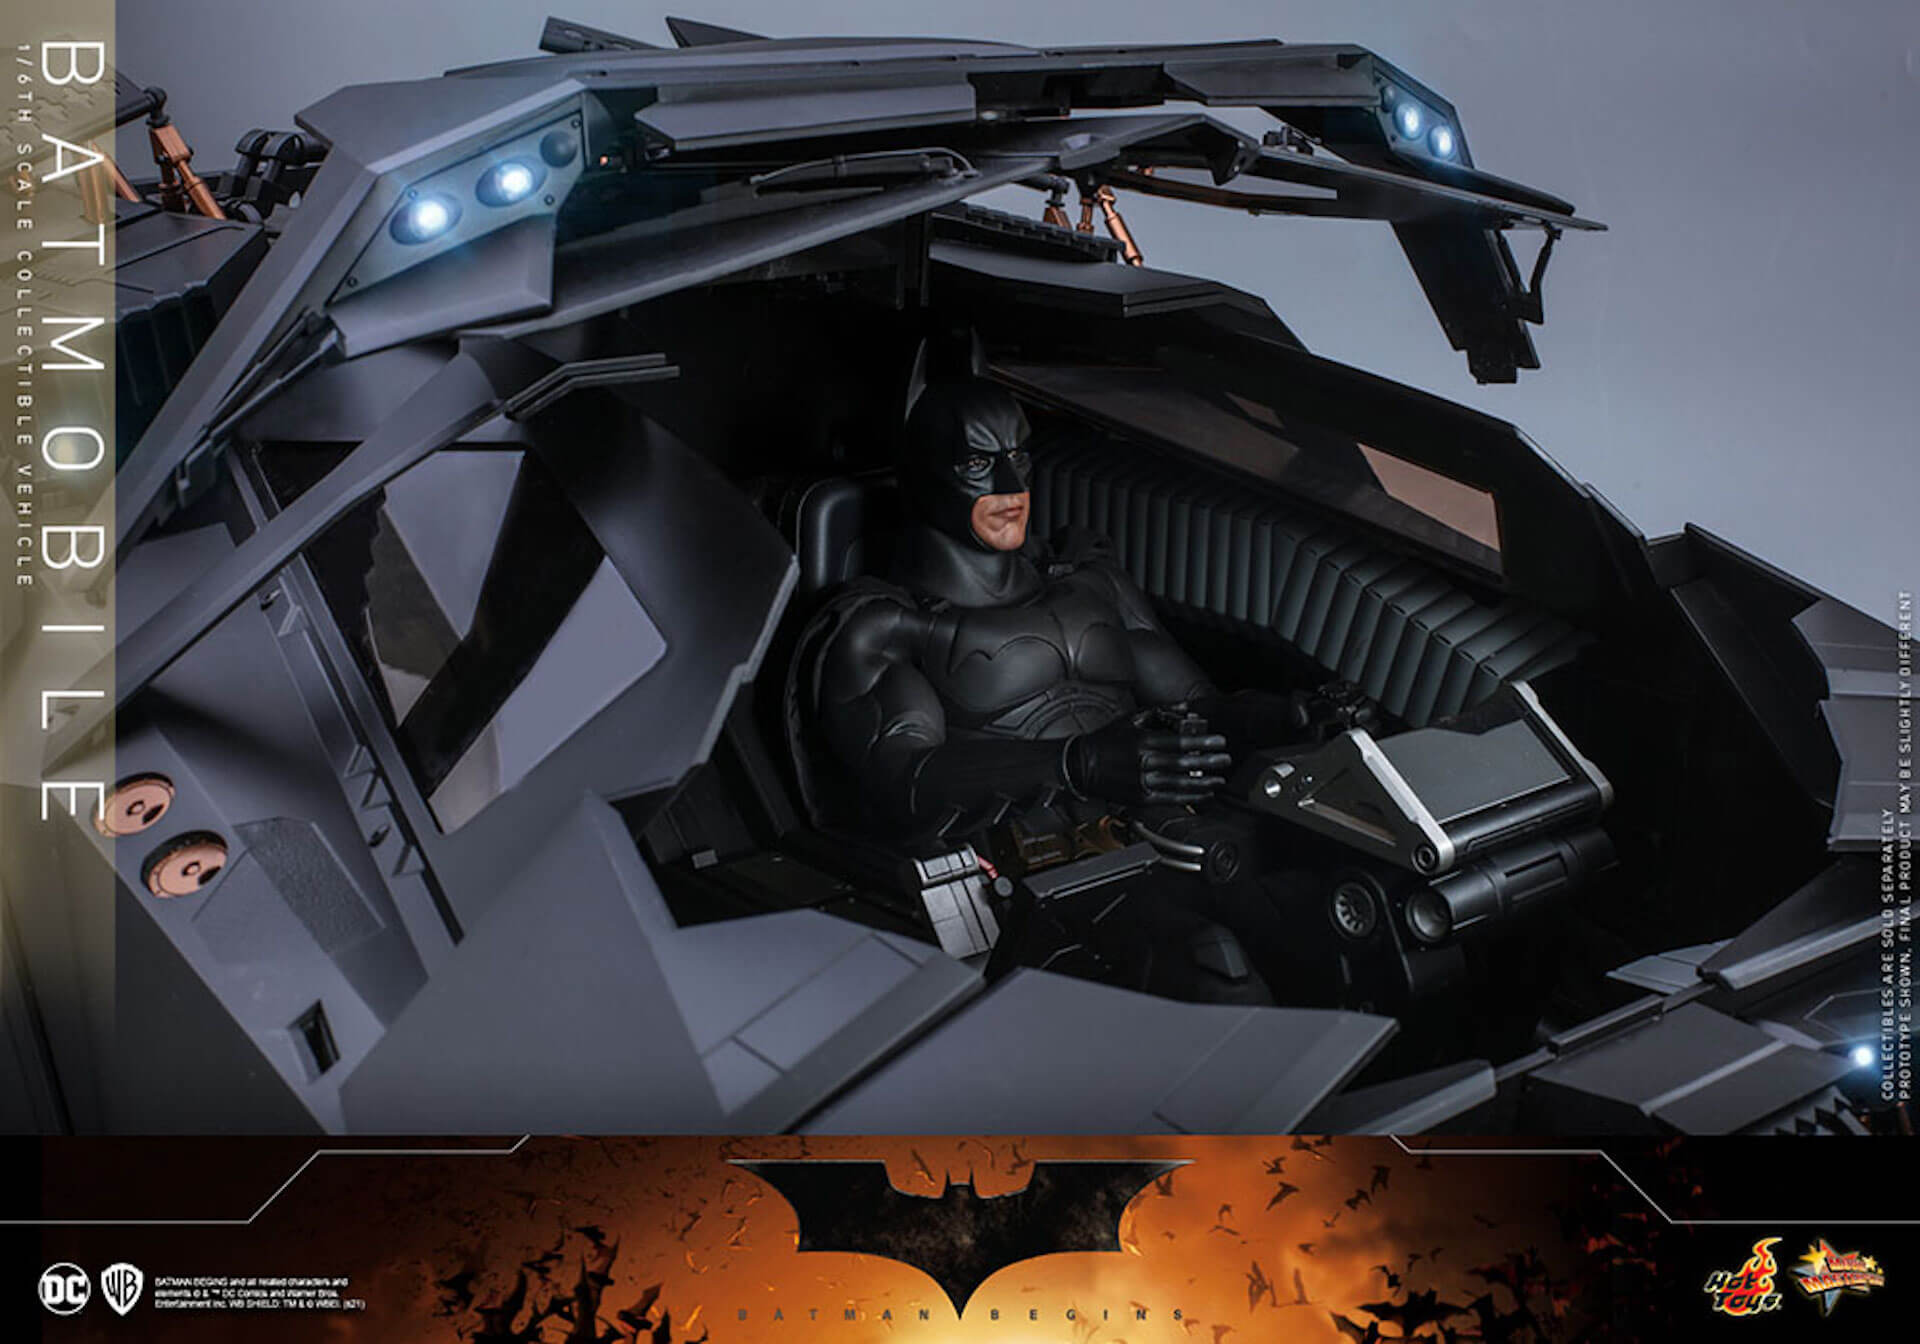 『バットマン ビギンズ』のバットマン&バットモービルが超精巧なフィギュアに!ホットトイズから発売決定 art210401_hottoys_batmanbegins_4